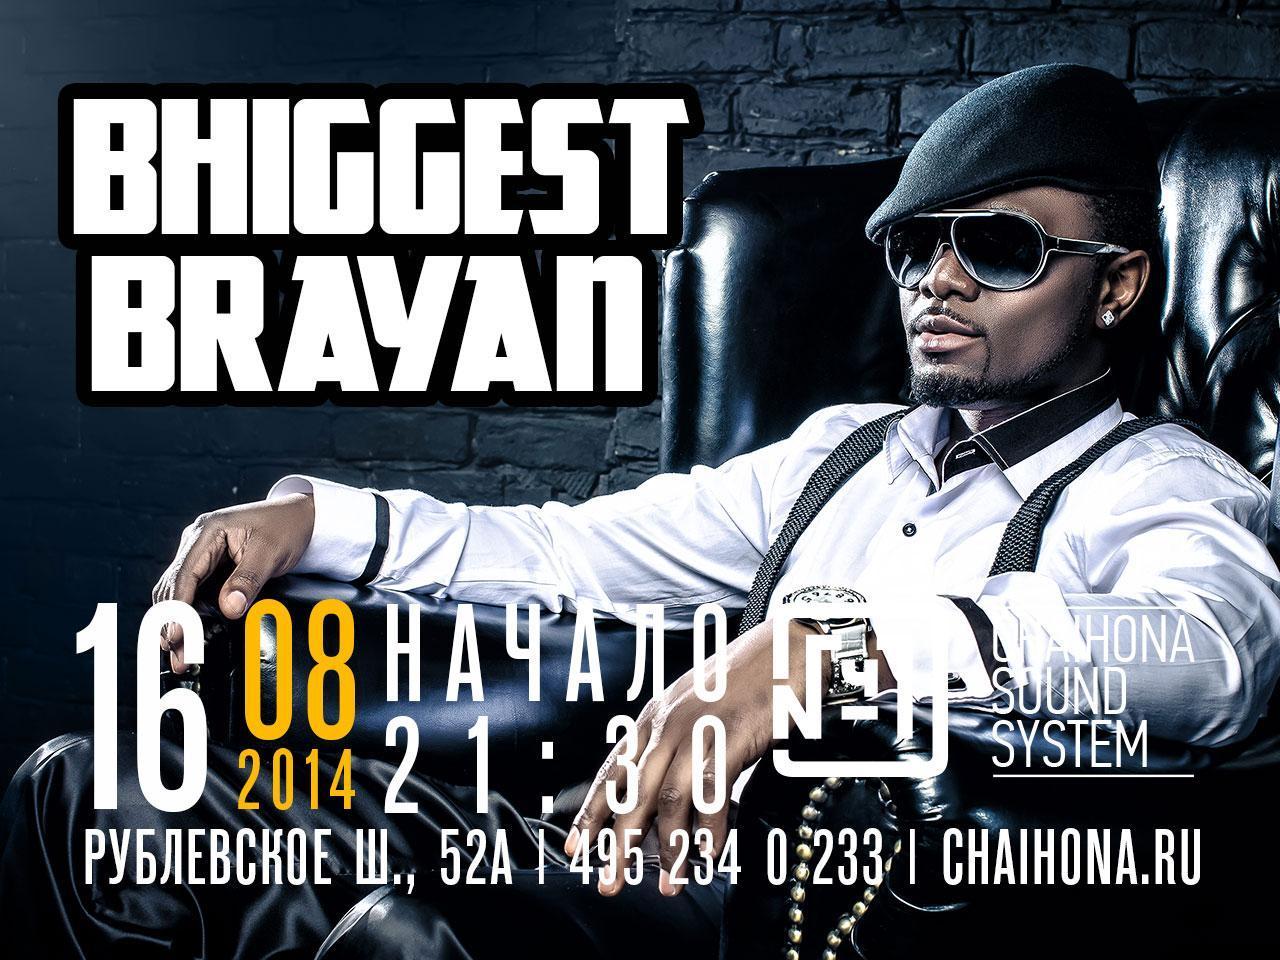 Brayan Bhiggest